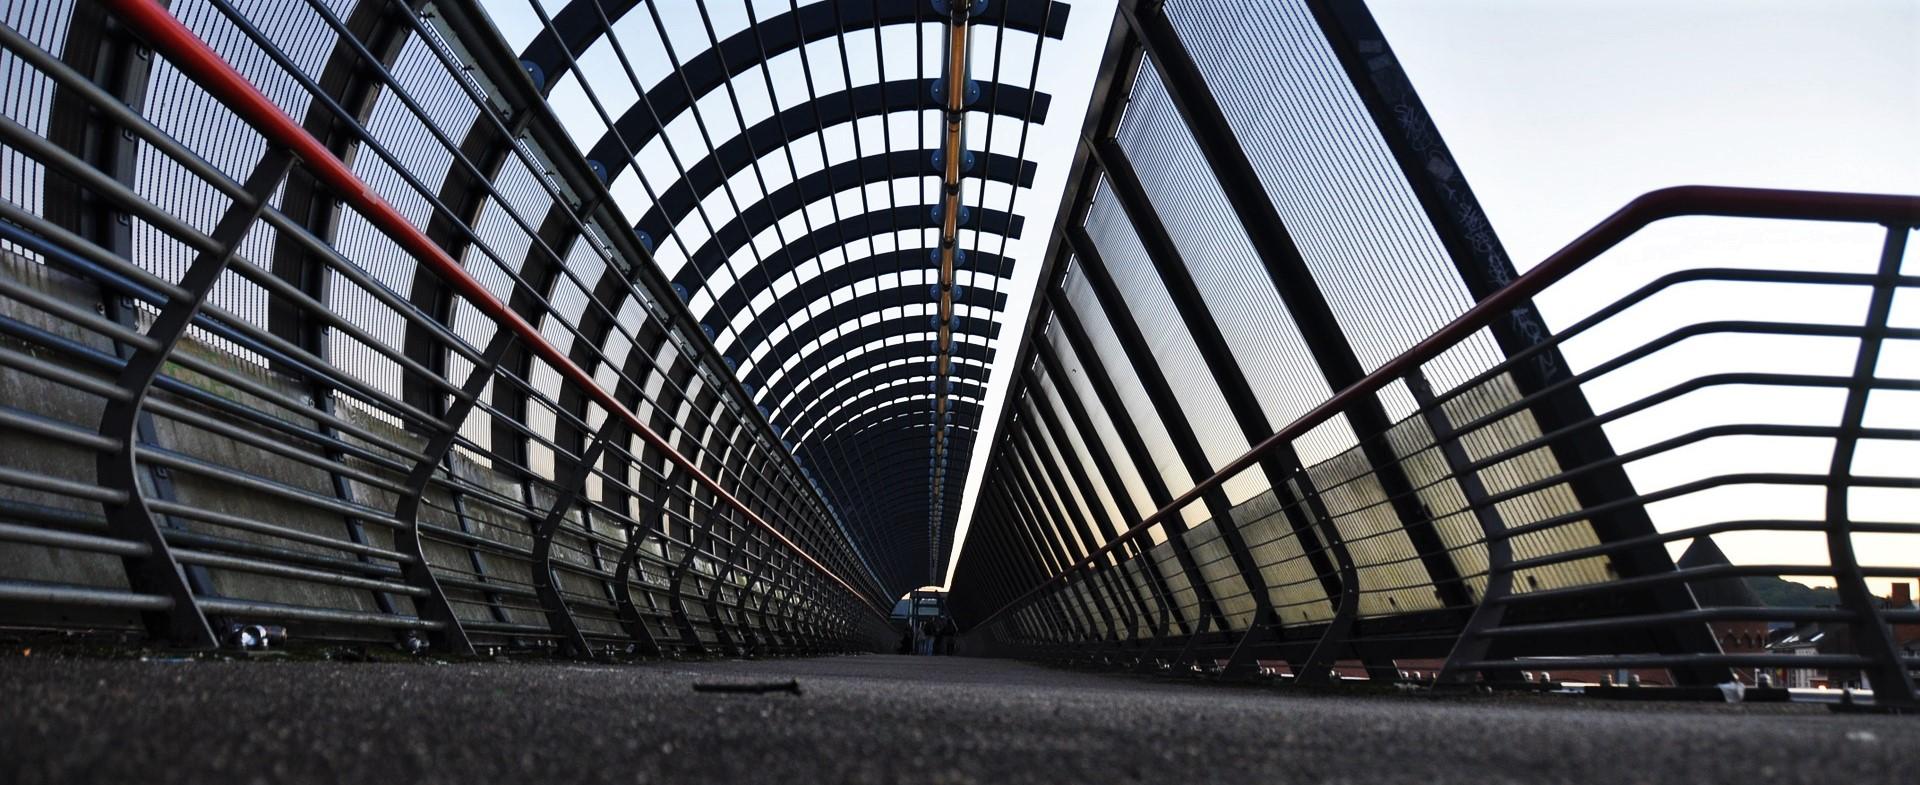 bridge-1417676_1920.jpg